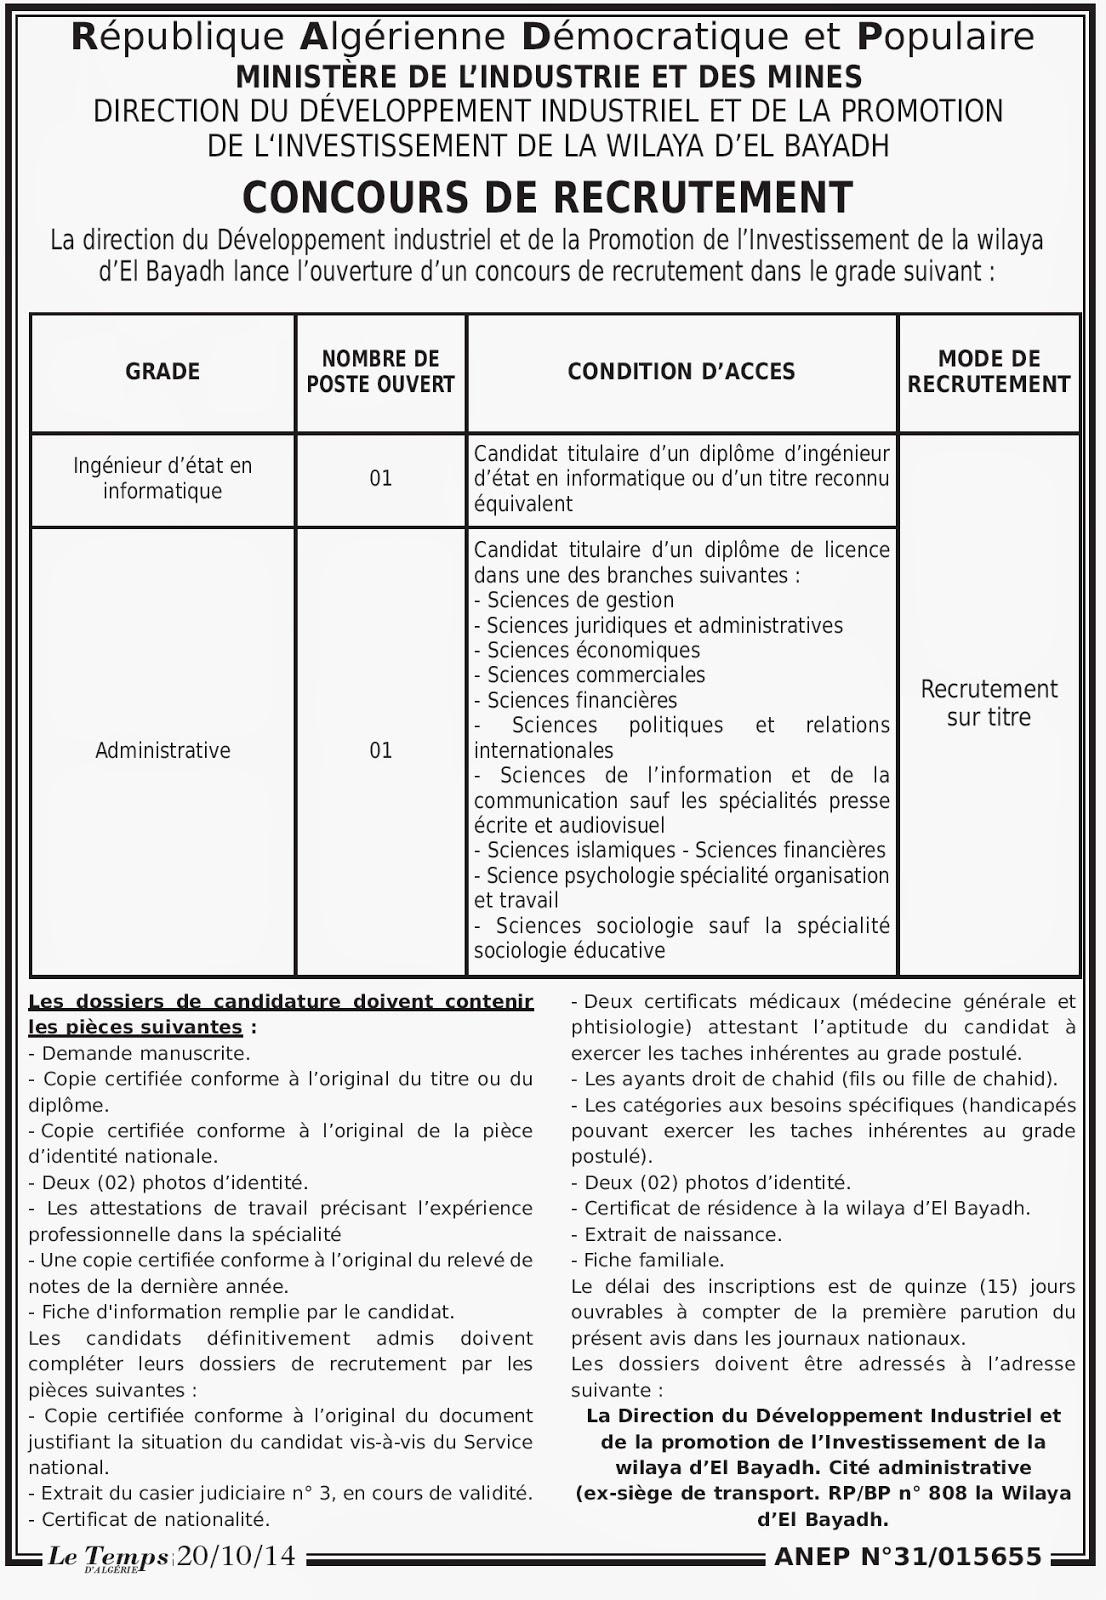 Société recrutement : etablissement Public hospitalier de Sebdou direction%2Bdu%2Bdev